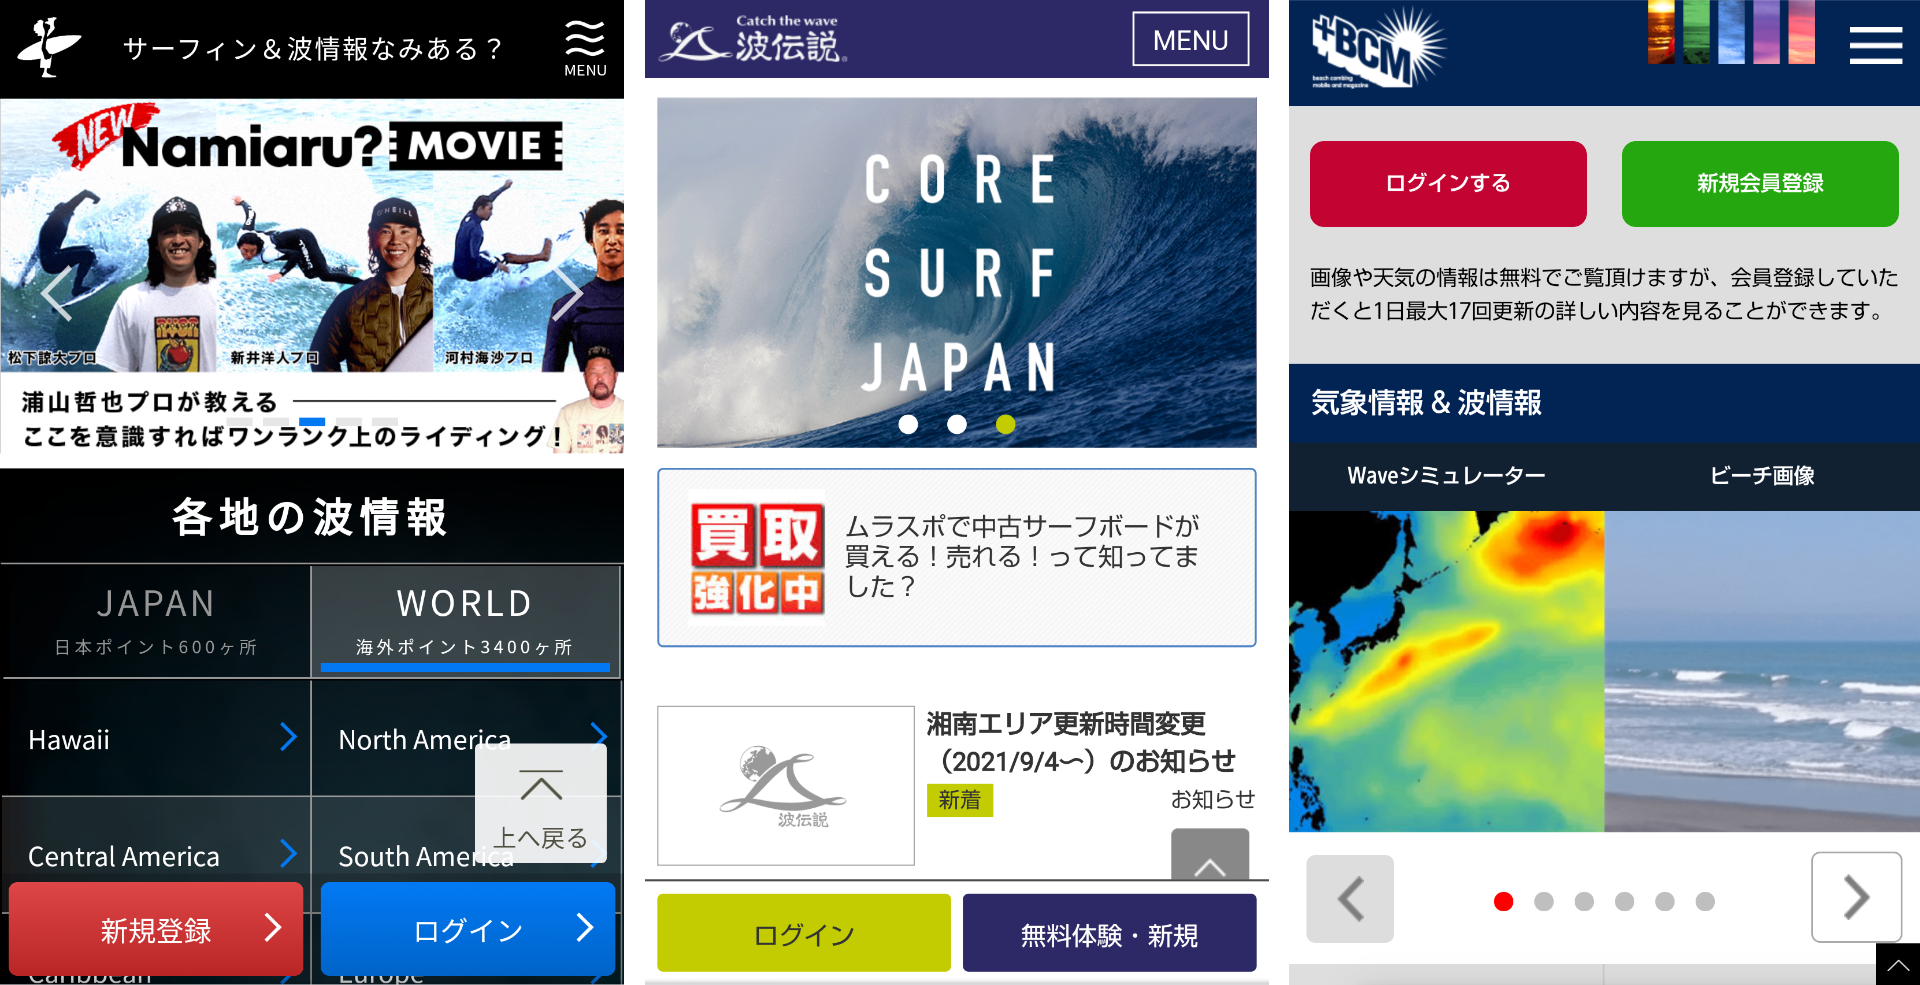 サーフィン向けの人気の波情報アプリ(サイト)には「波伝説」「なみある」「BCM」